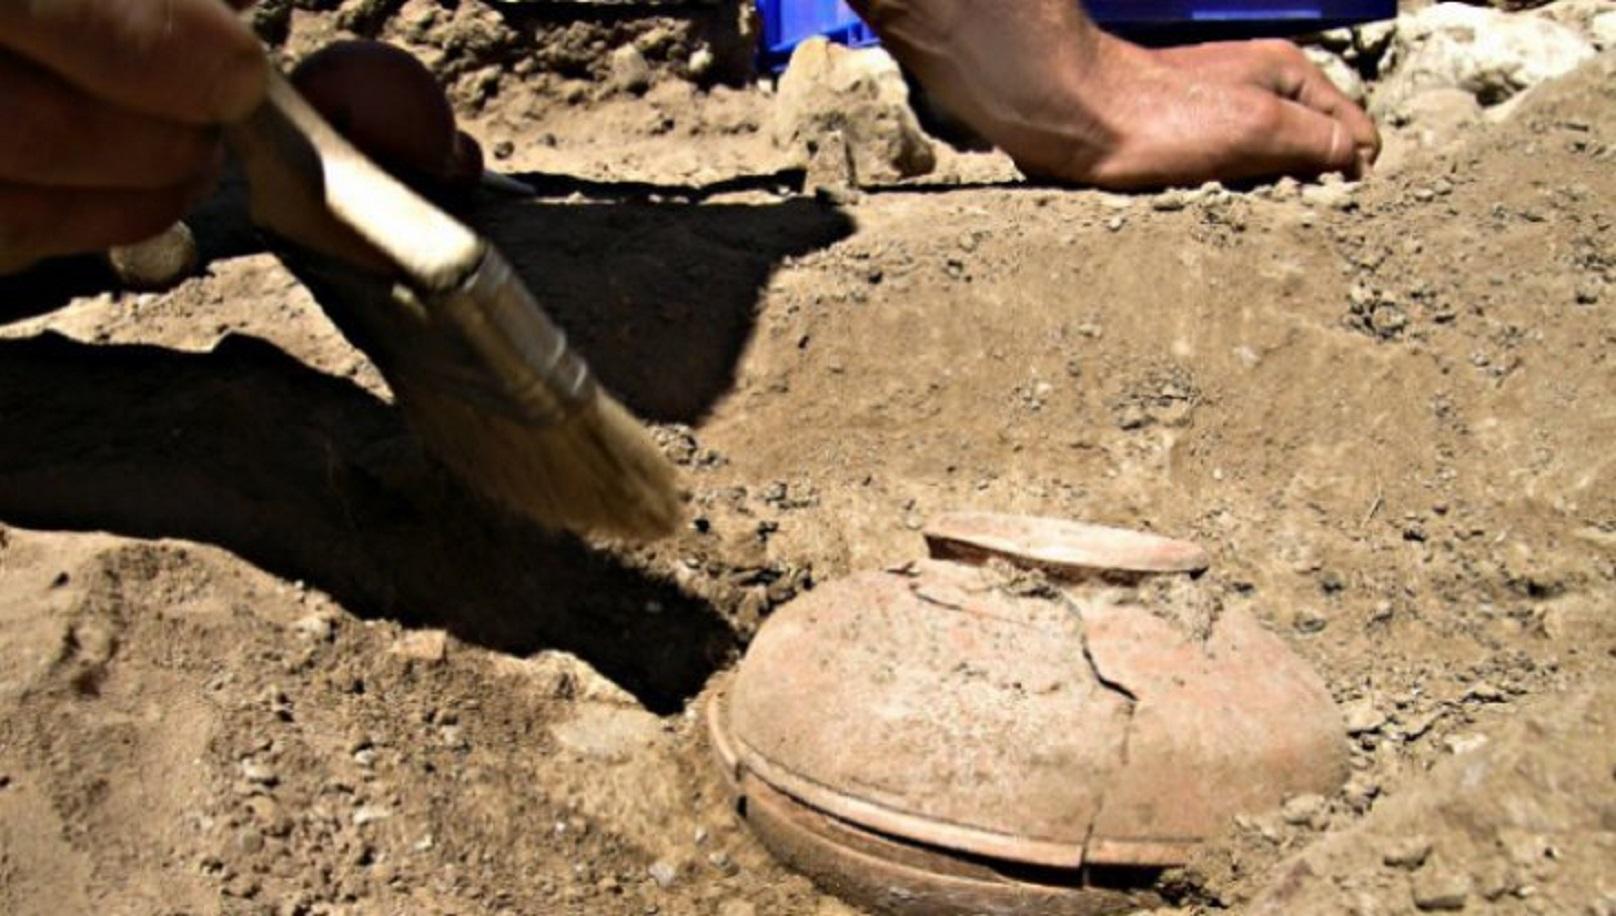 Arheologii din Timiș au descoperit cenușă umană în două morminte foarte vechi